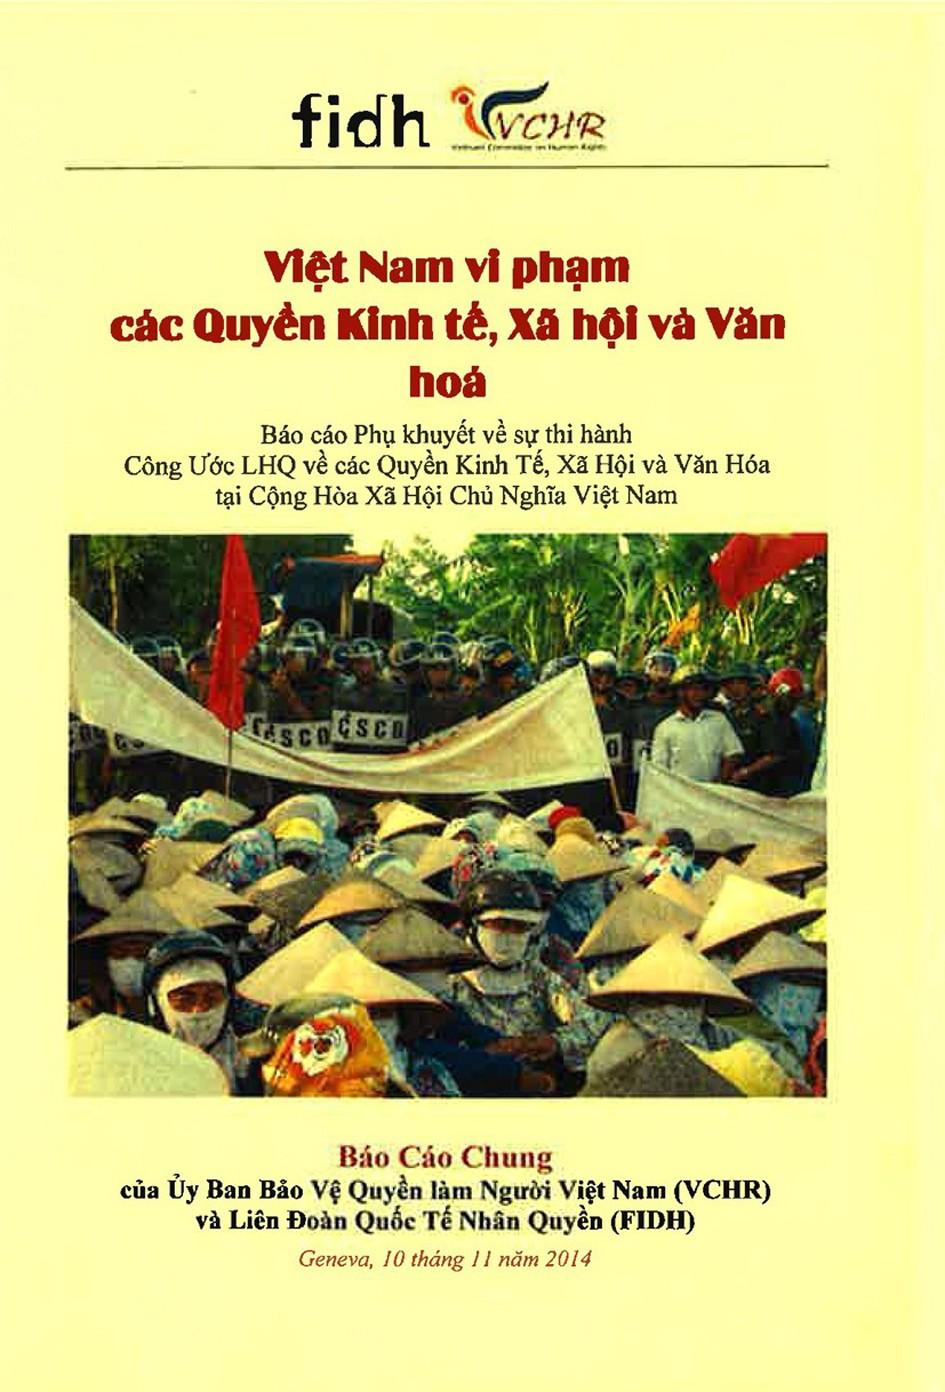 Bản Báo cáo chung, tiếng Việt, phản bác Phúc trình Hà Nội về vi phạm các Quyền kinh tế, xã hội và văn hoá, công bố tại LHQ Genève ngày 11.11.2014